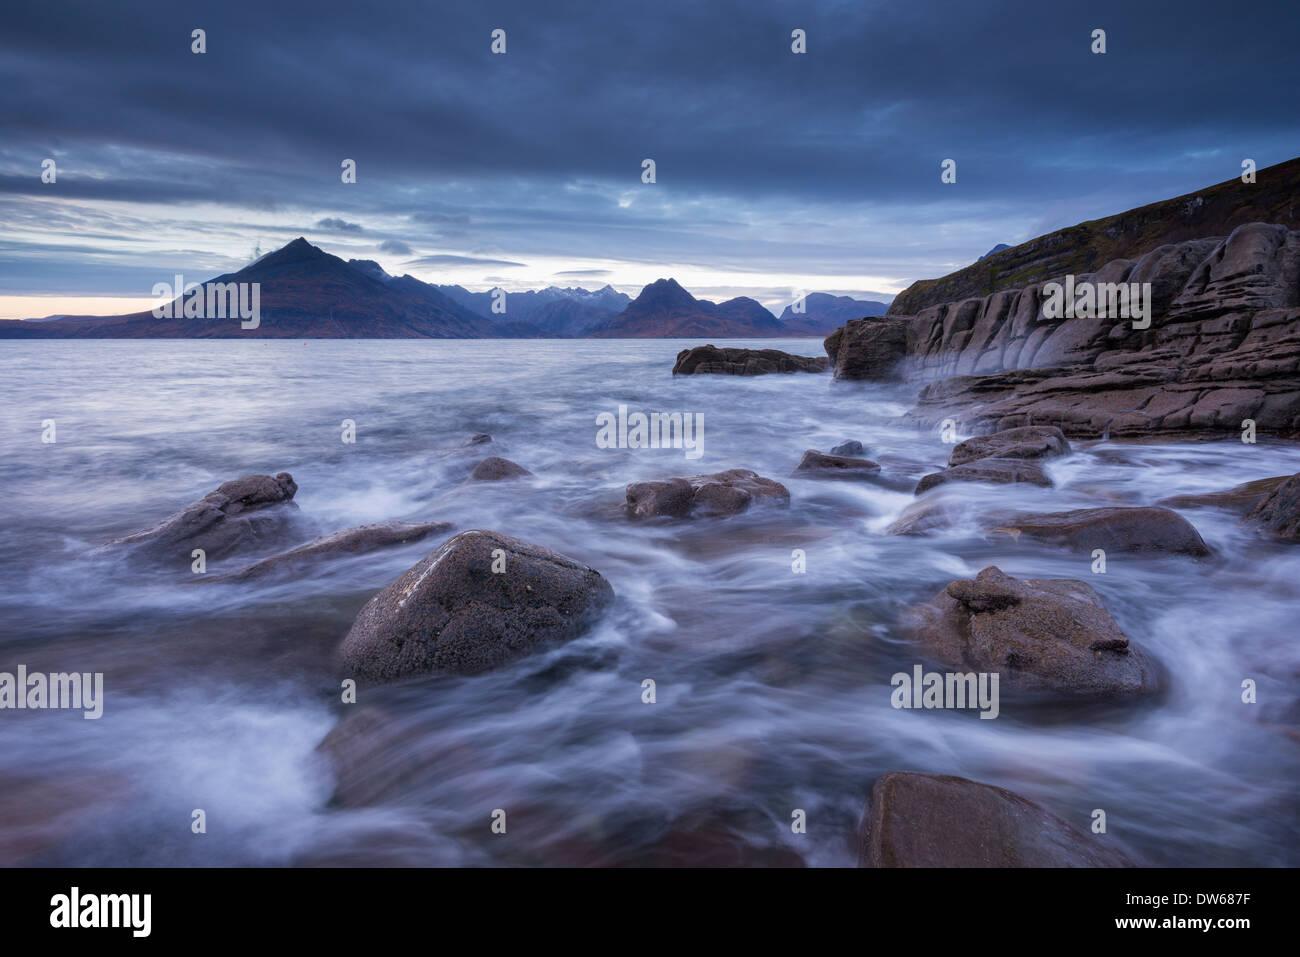 Rush onde intorno alle sponde rocciose di Elgol, Isola di Skye in Scozia. Inverno (dicembre) 2013. Immagini Stock